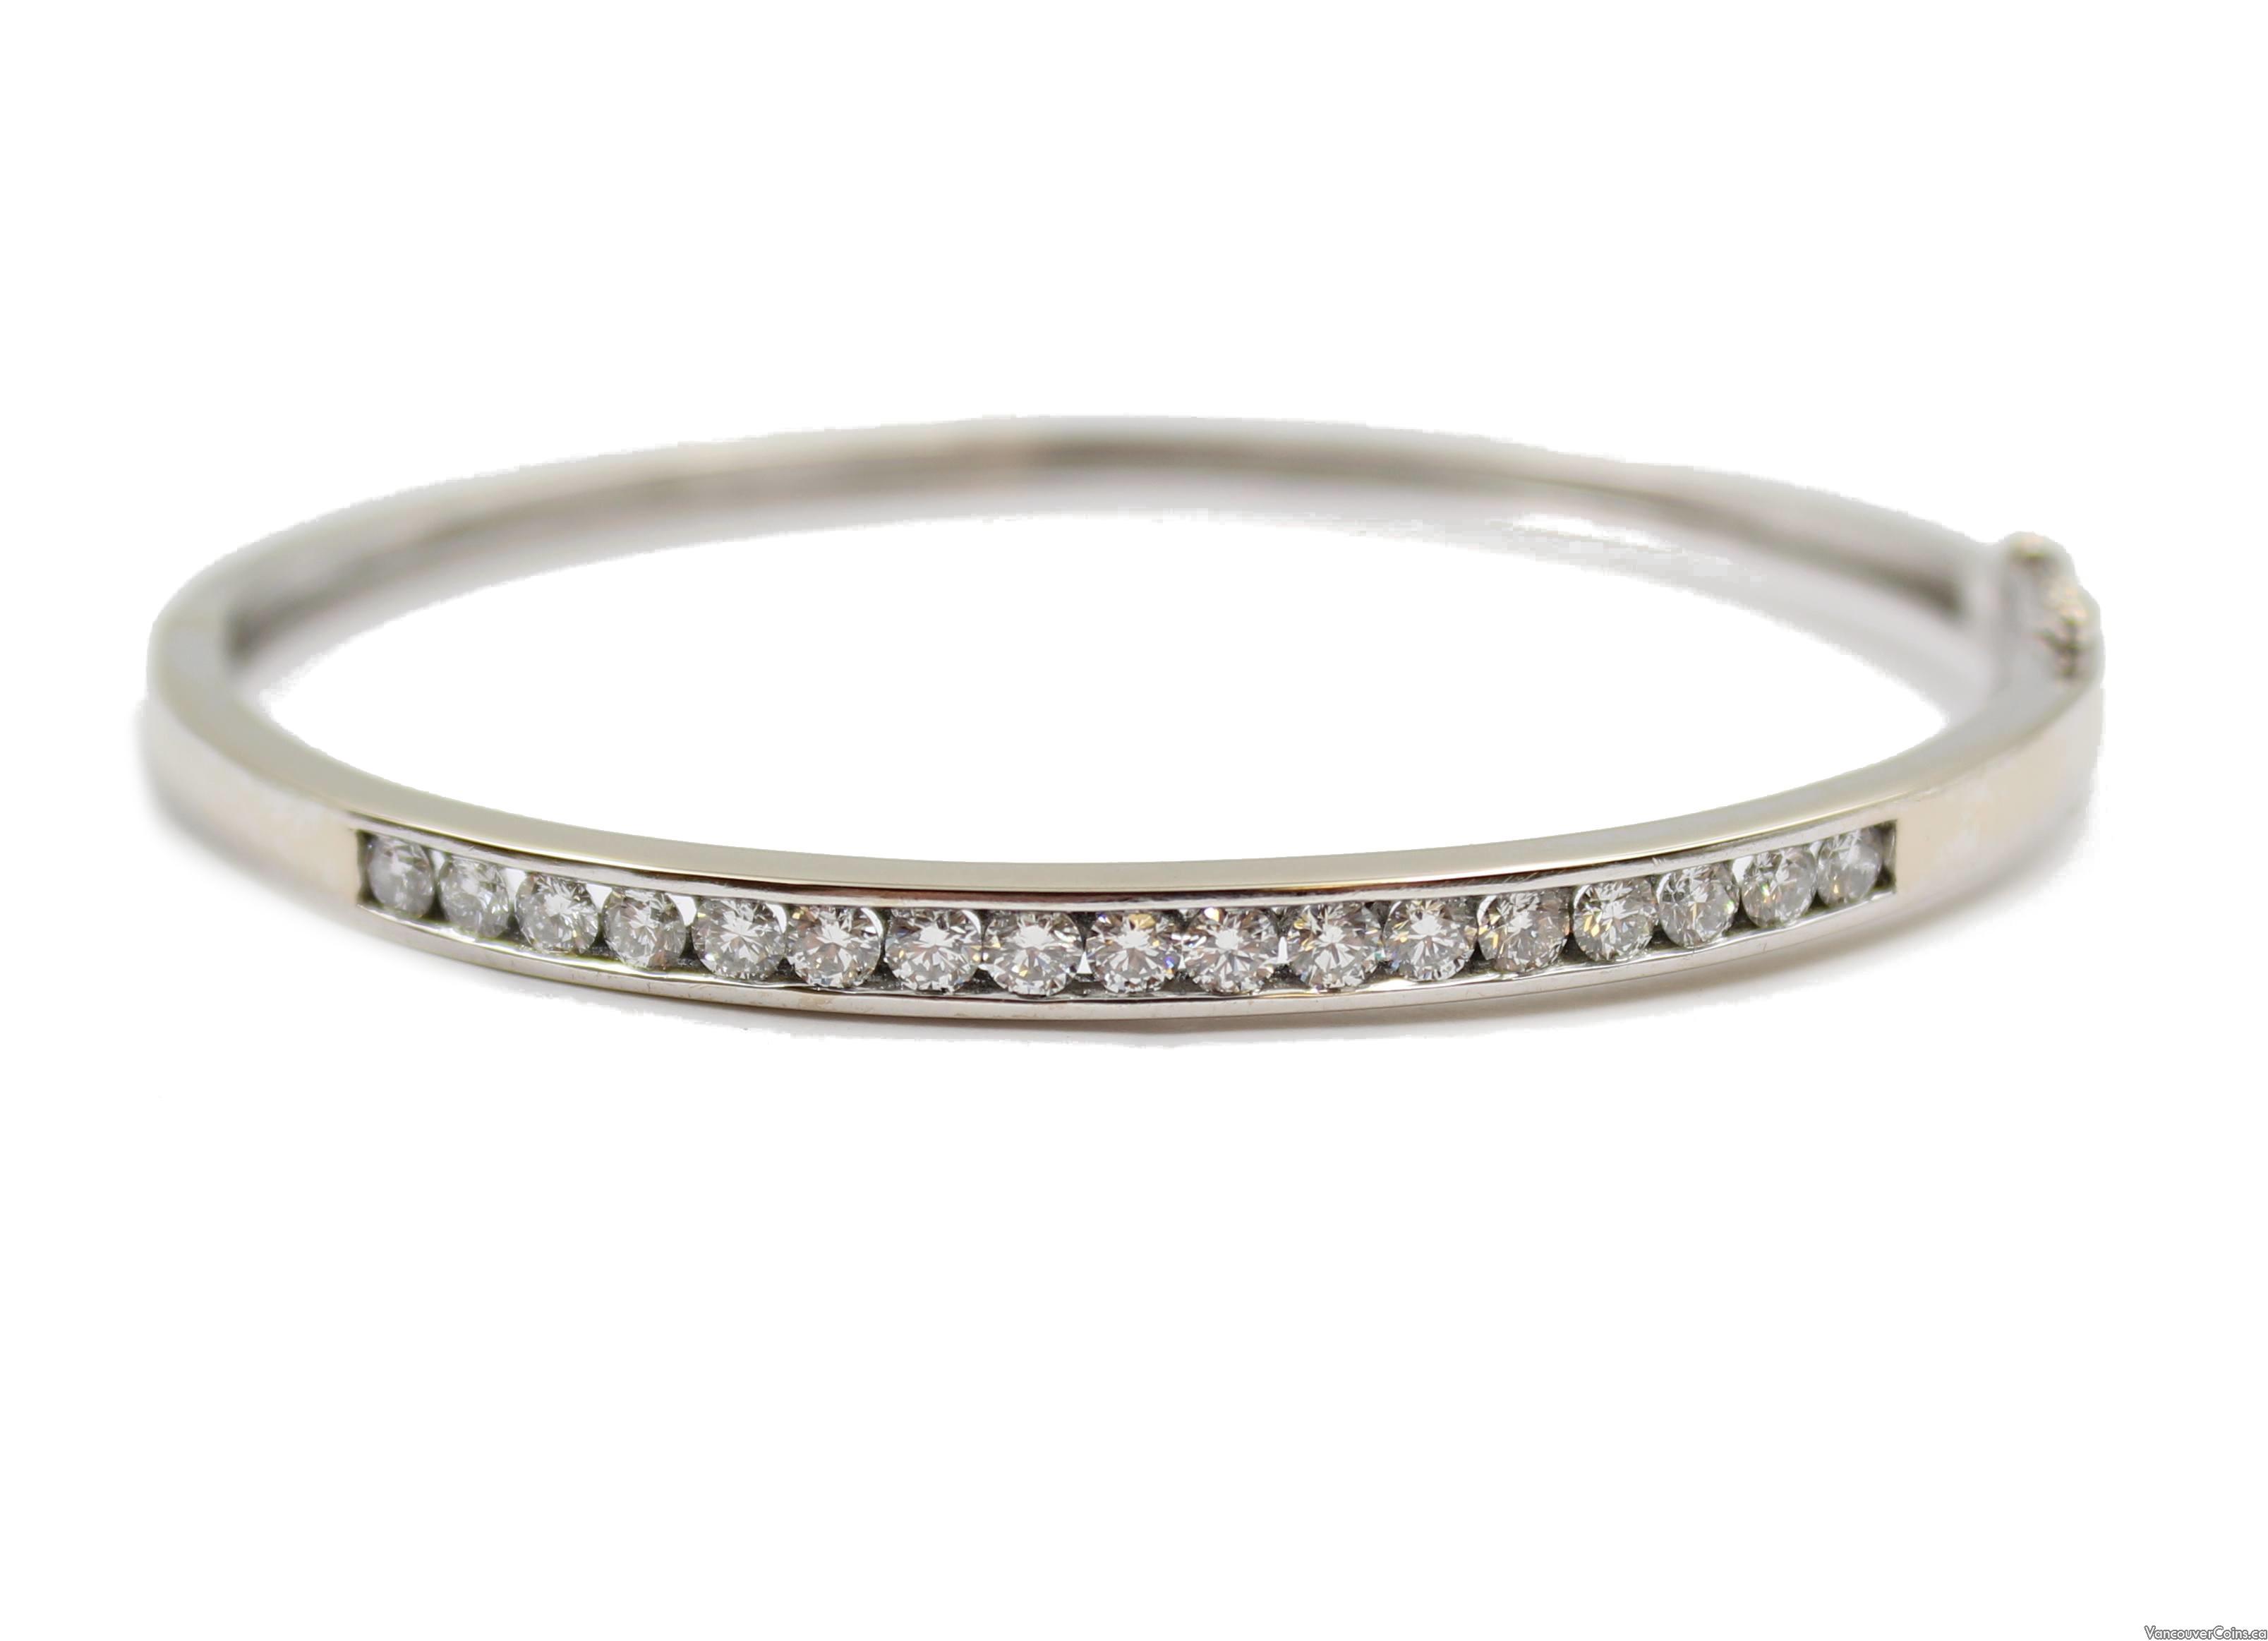 18 Karat white gold 1.50 Carat Diamond Tennis Bracelet